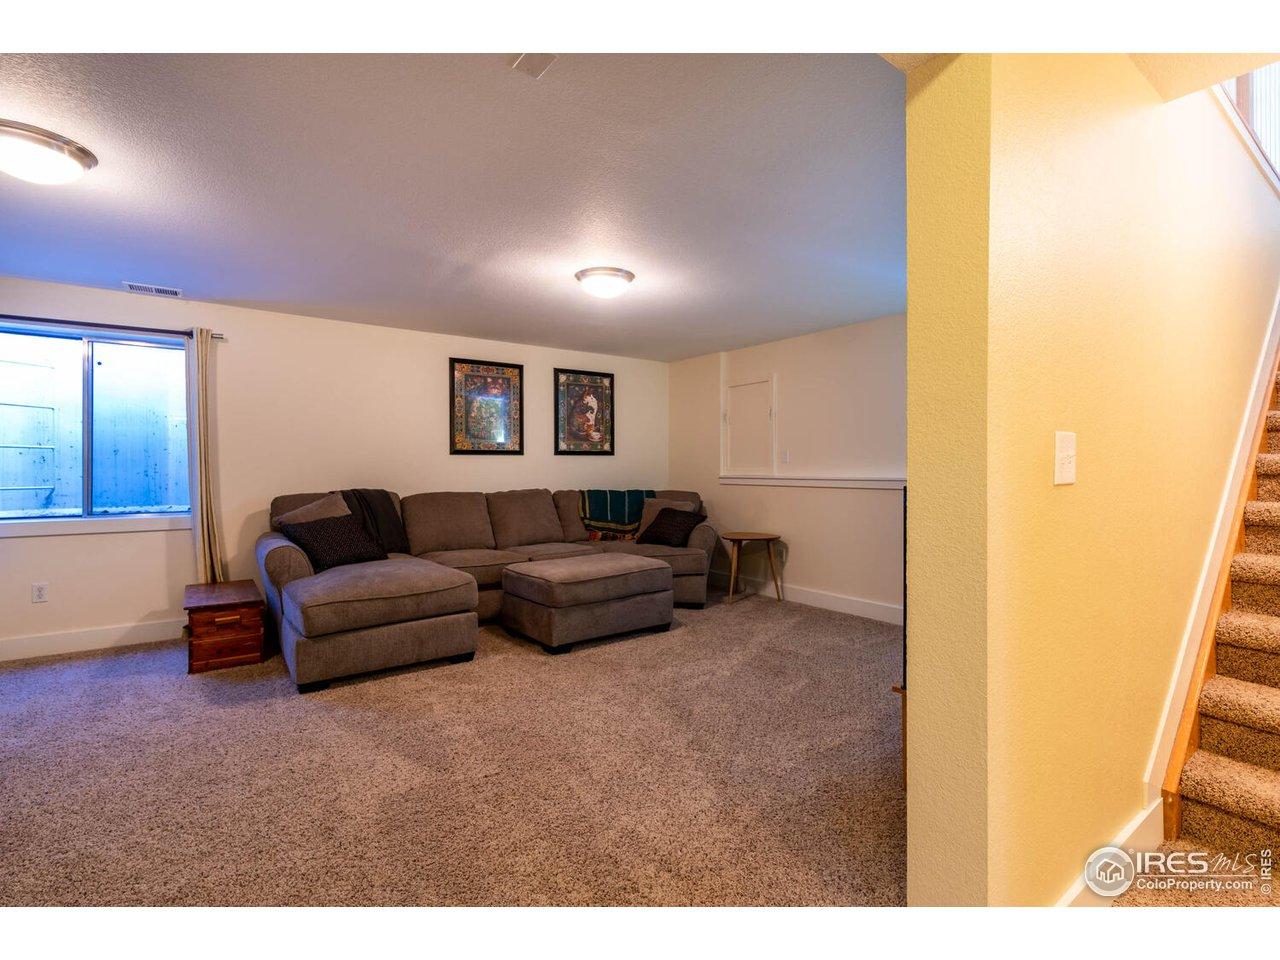 Rec/family room toward hallway